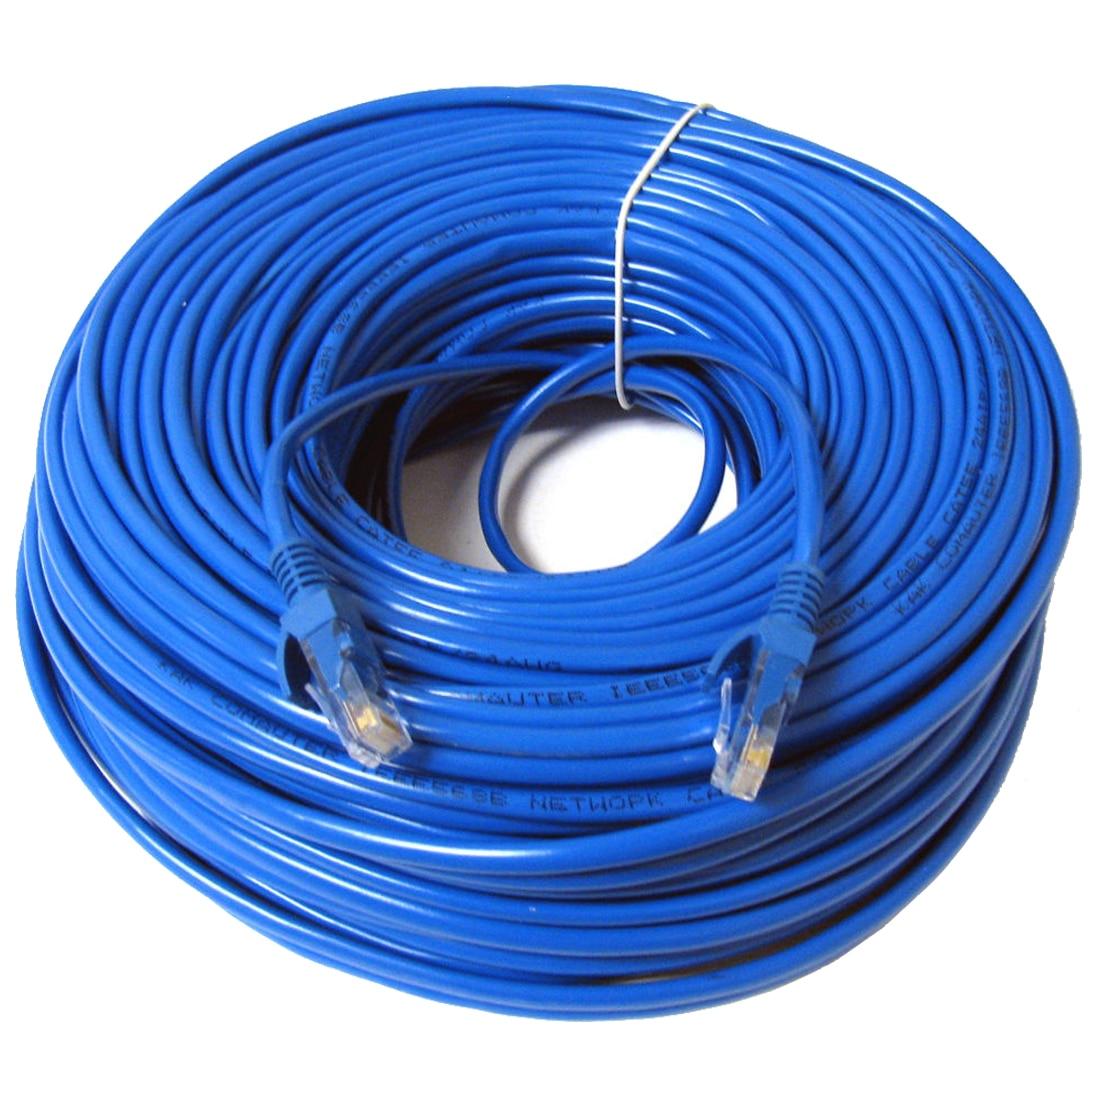 RJ45 Cat5 Ethernet Cabo de Rede LAN Patch Chumbo, 30m Azul 1pcs